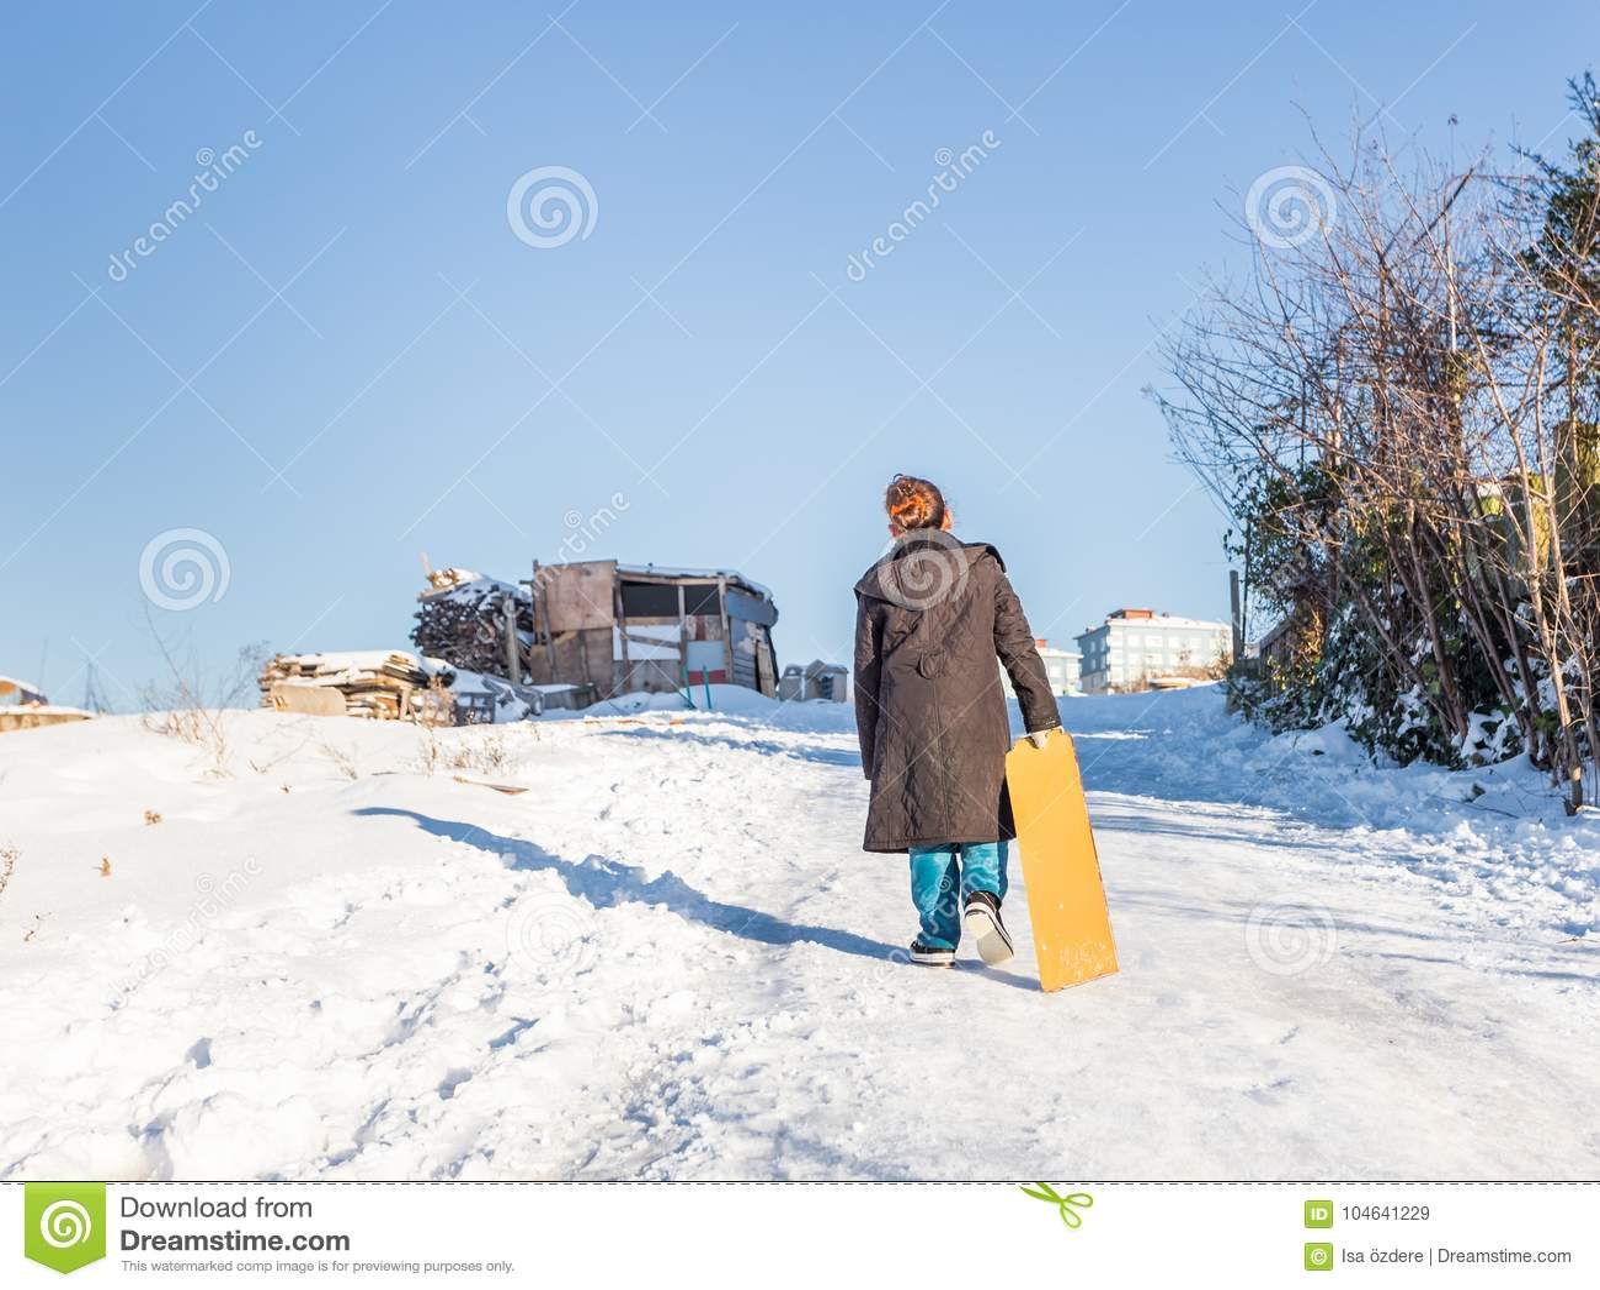 Download De Kinderen Glijden Op Sneeuw In Oude Schoolstijl Met Hardhout Redactionele Stock Afbeelding - Afbeelding bestaande uit koude, seizoen: 104641229